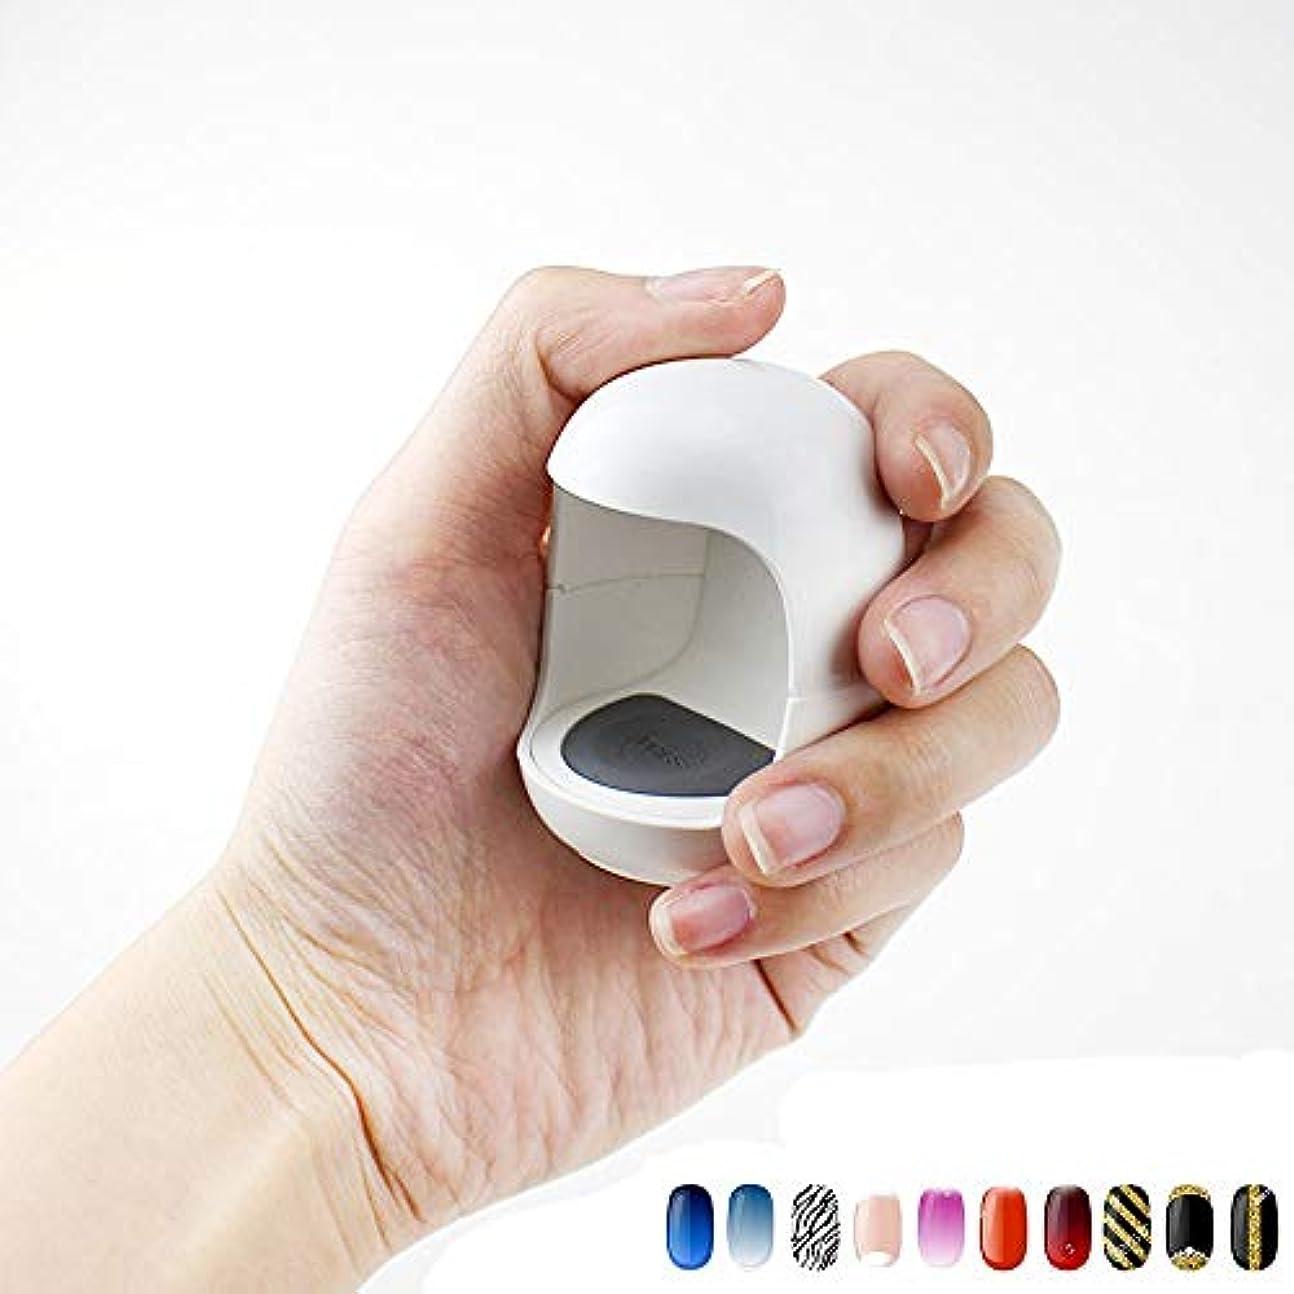 物足りない刻む離れたUV LEDネイルランプミニQ型USBケーブルマニキュア材料ネイルドライヤーゲルランプ治療光シングルマニキュアマニキュアツール